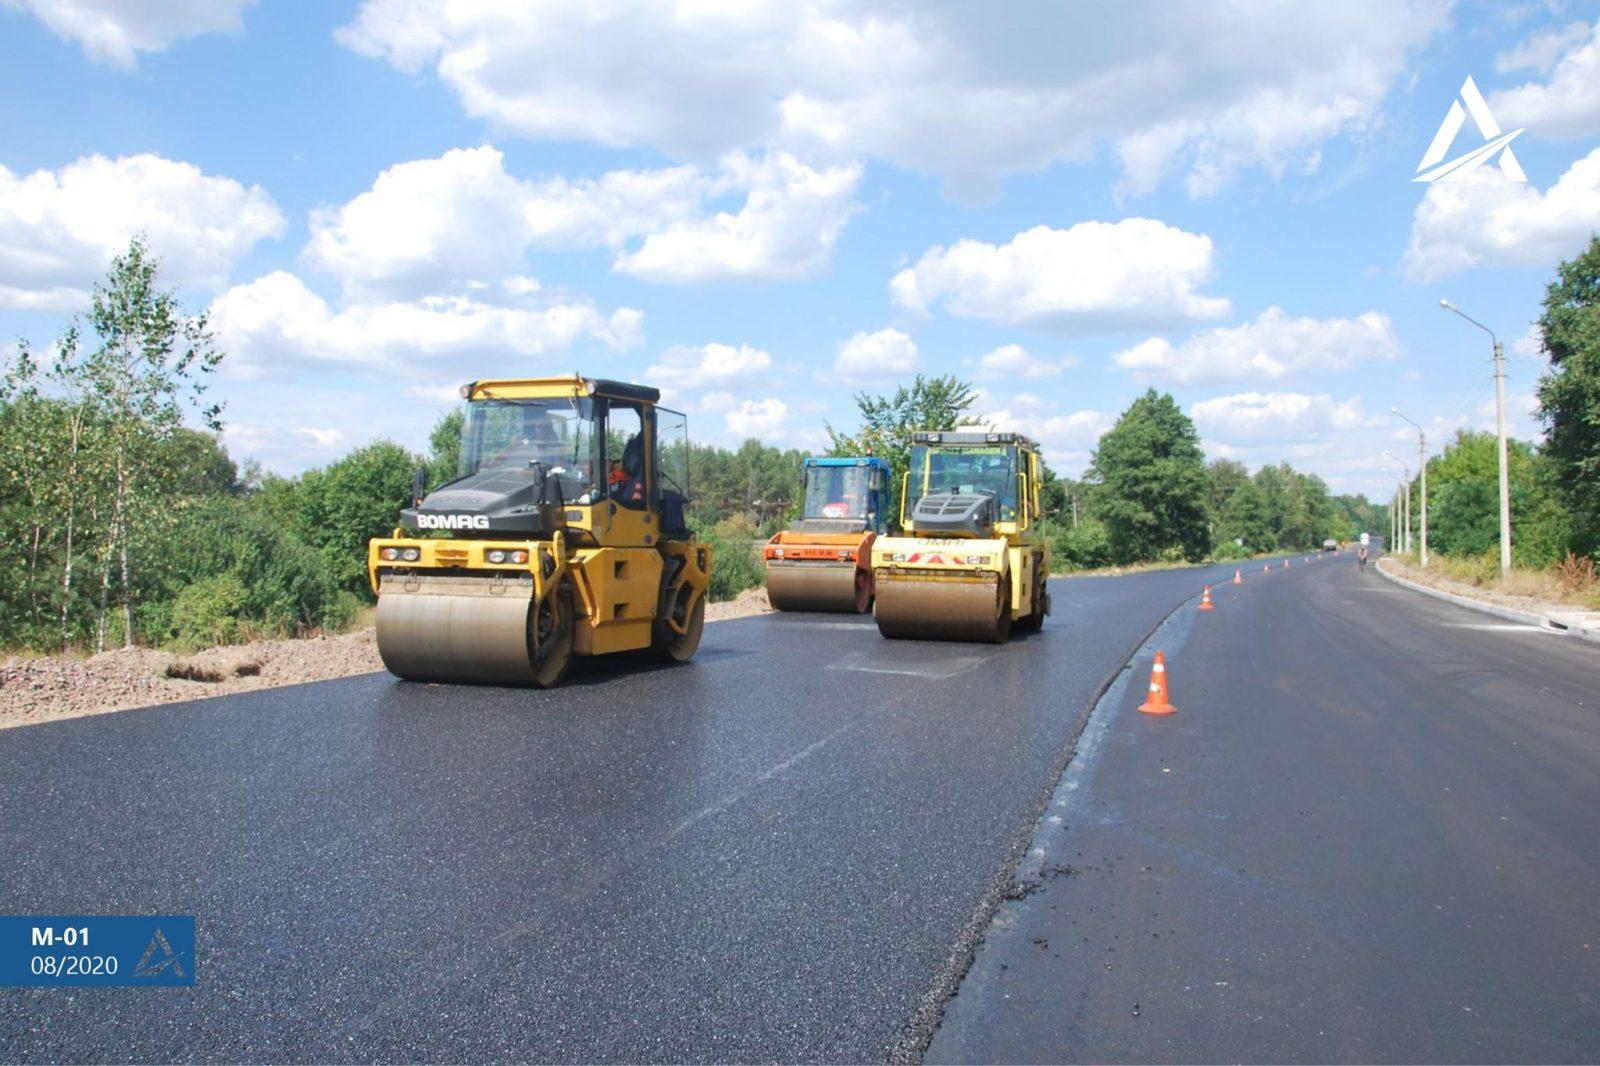 Додаткові 550 млн євро на розвиток автодоріг в Україні